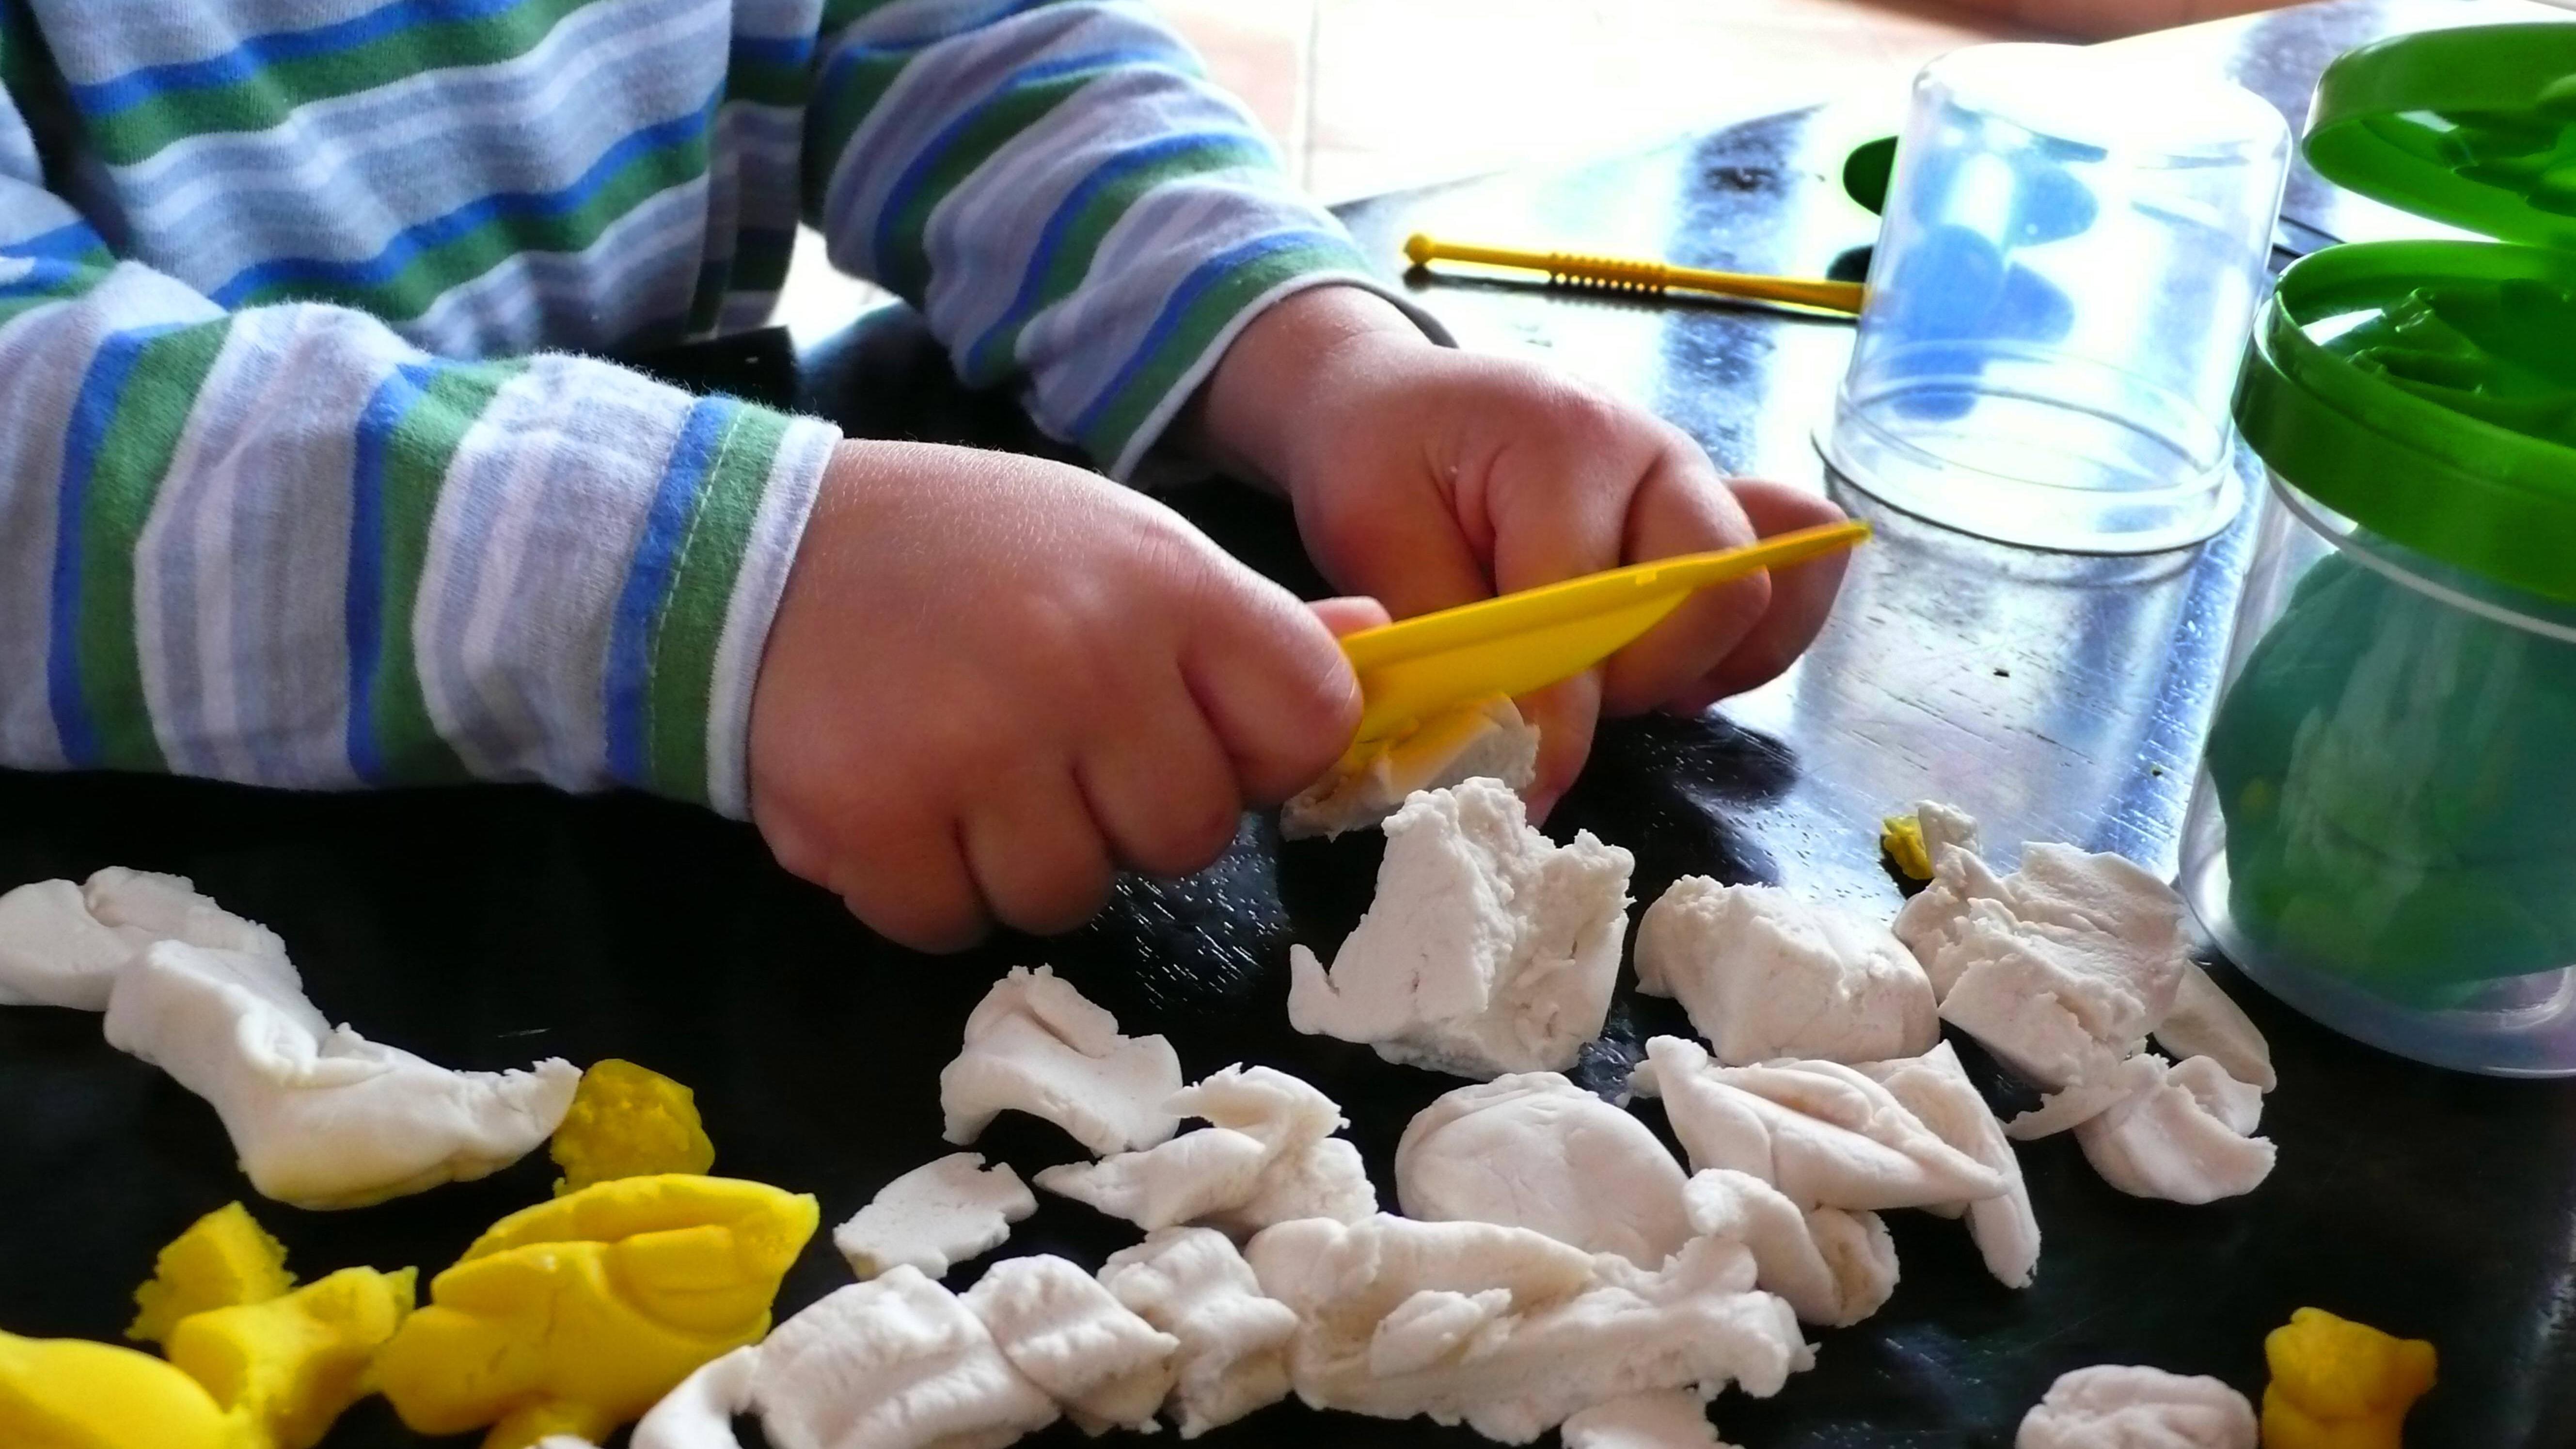 Mit Knete können Kinder bereits ab einem Alter von circa zwei Jahren spielen